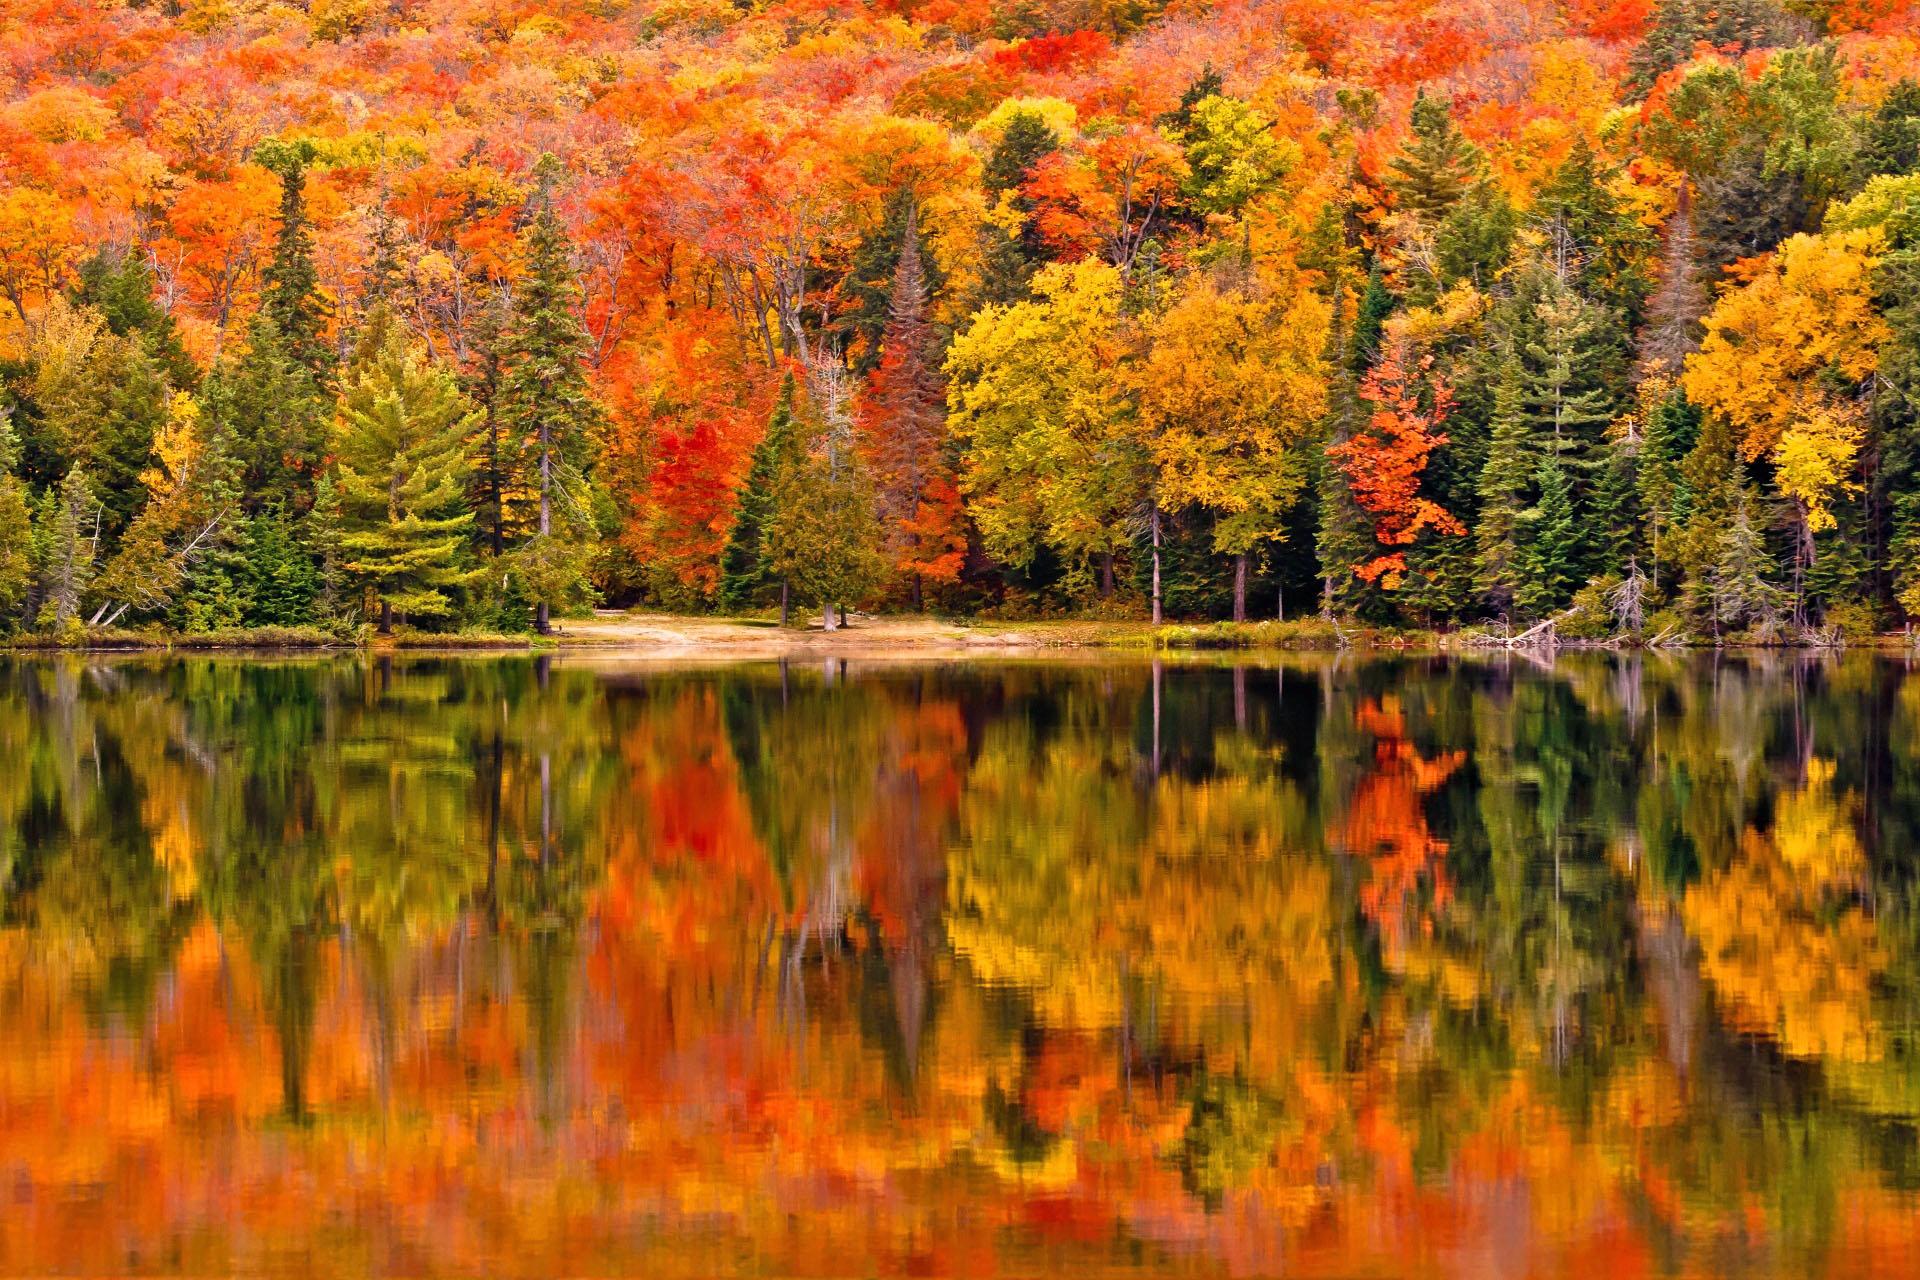 水面に反射する紅葉 アルゴンキン州立公園 秋のカナダの風景